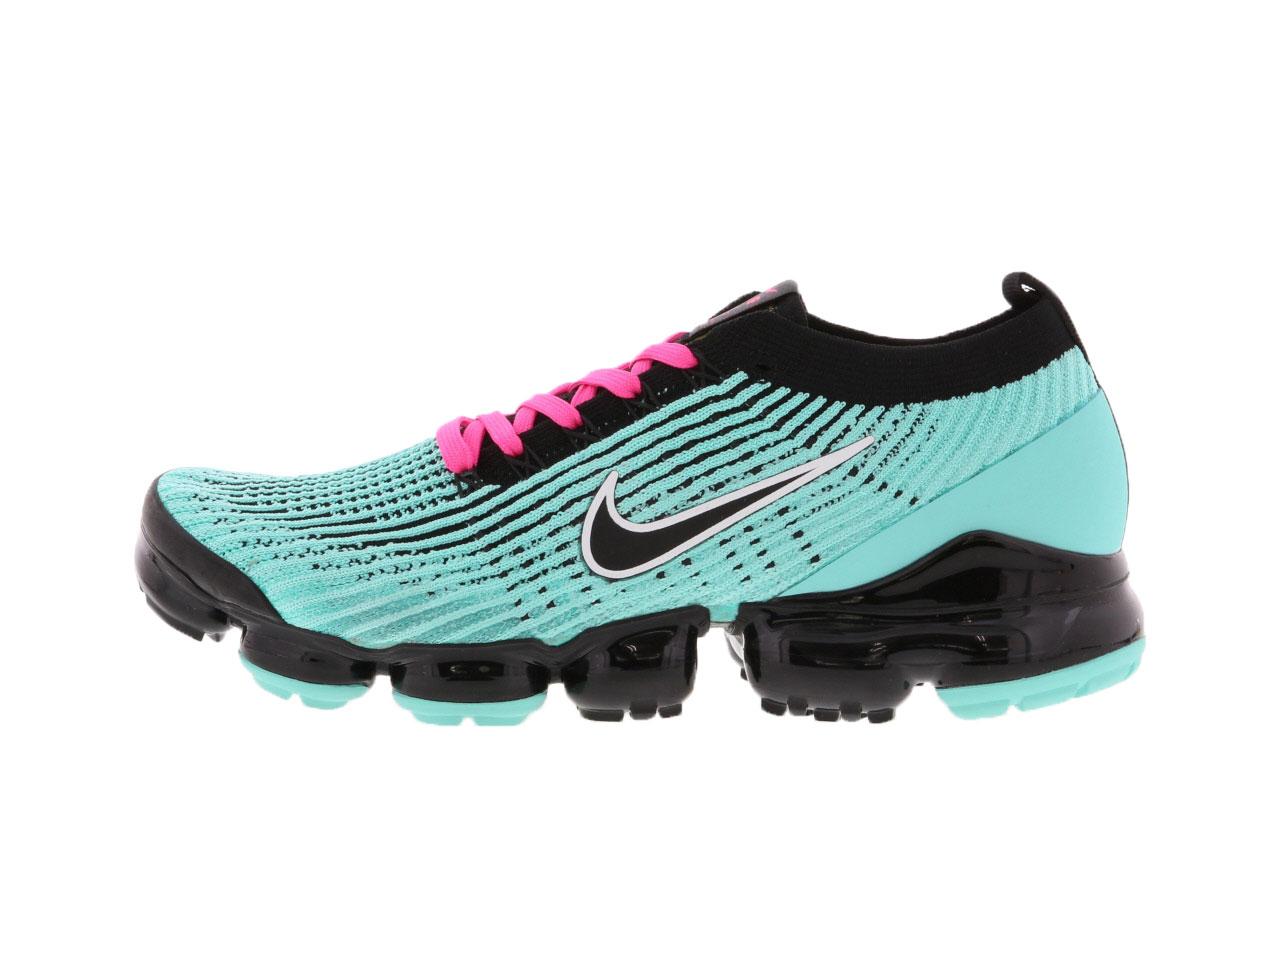 【OUTLET特価】NIKE AIR VAPORMAX FLYKNIT 3(AJ6900-323)【ナイキ】【メンズファッション】【シューズ】【スニーカー】【靴】【フットウェア】